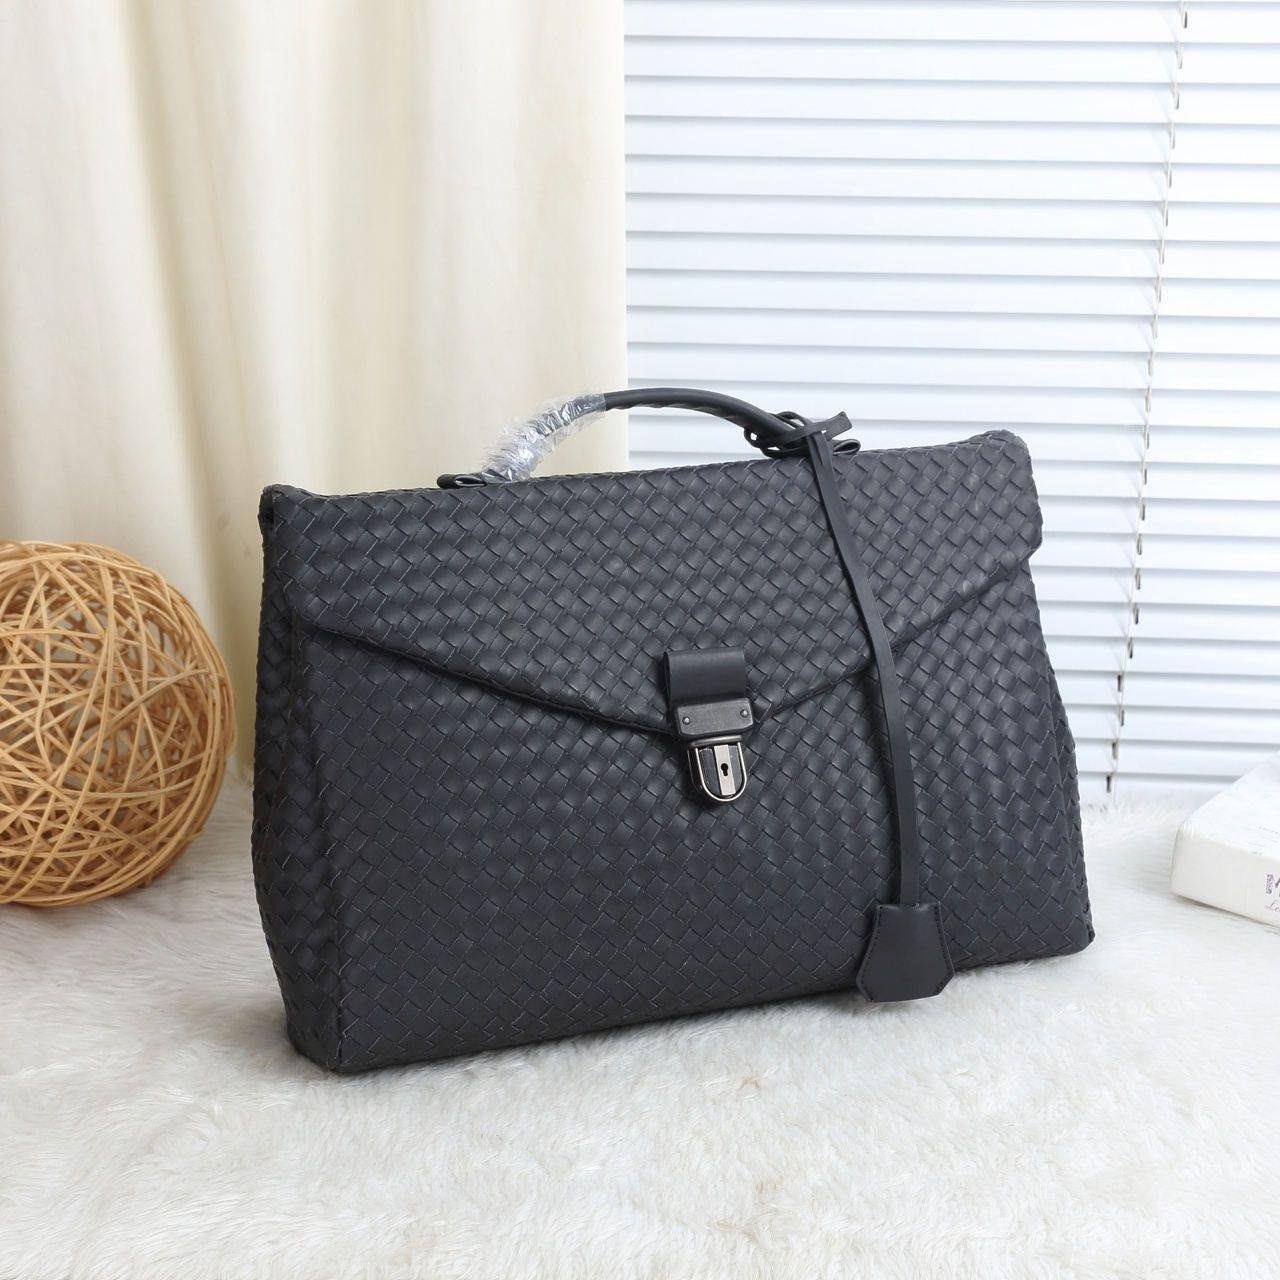 dbc9afc93c8b High End Quality Wallet Leather Wallet Urban High End Fashion Modern ...